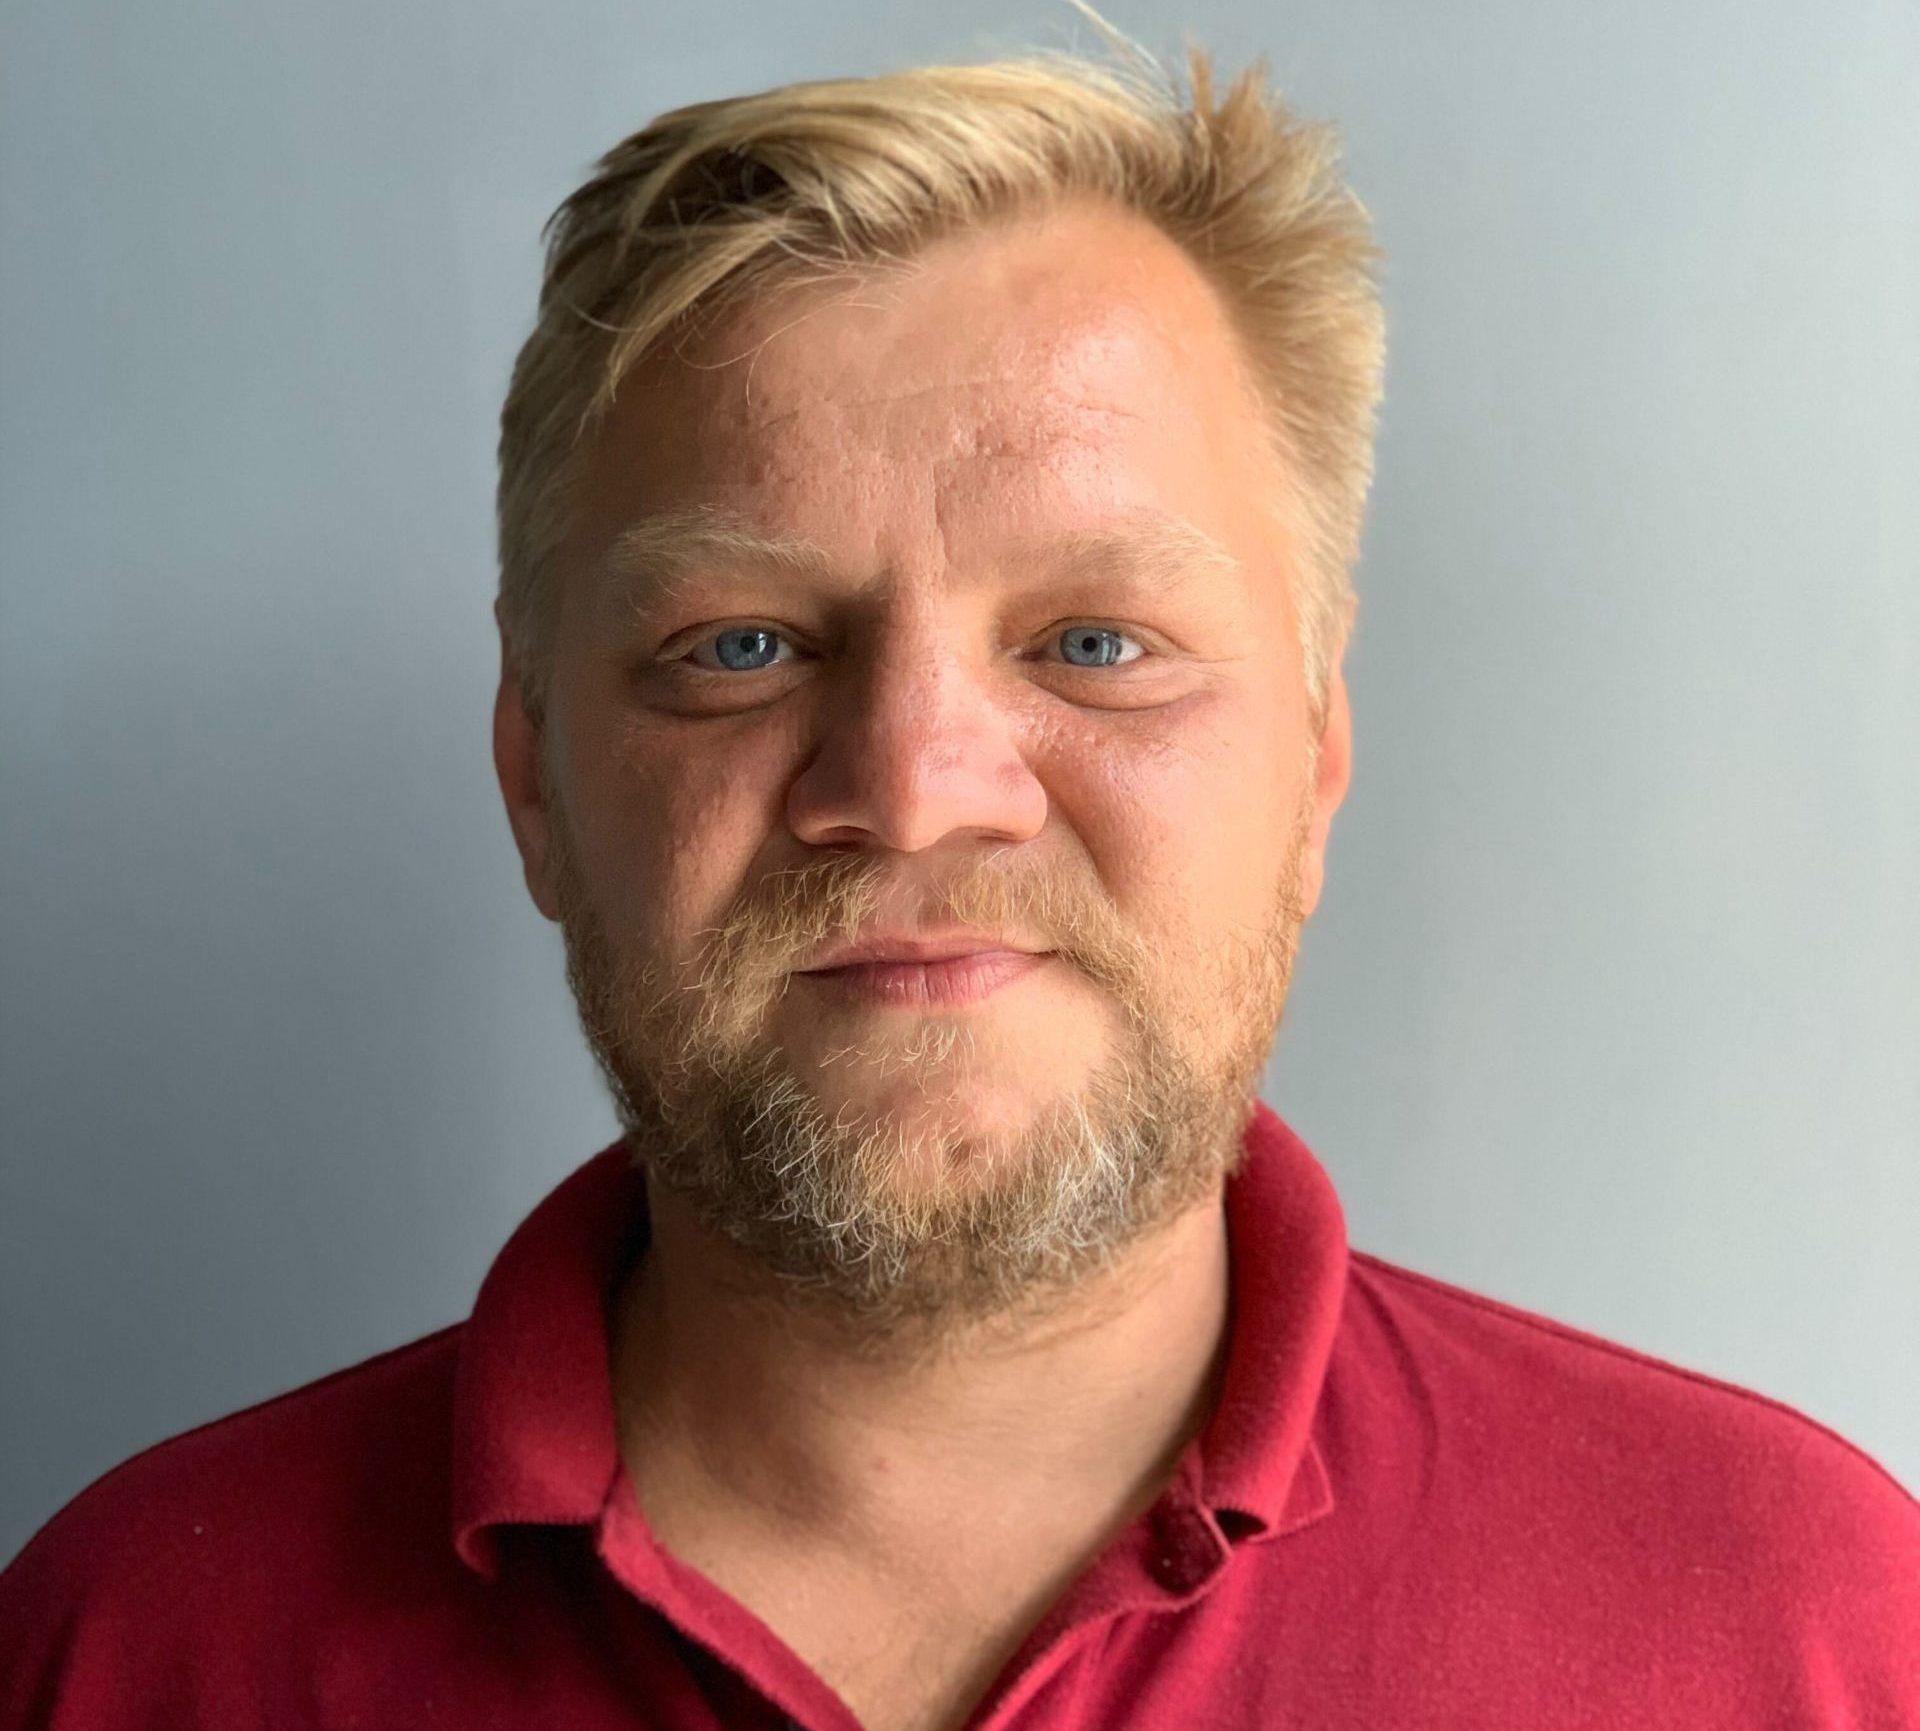 Image of Alex Vinichenko